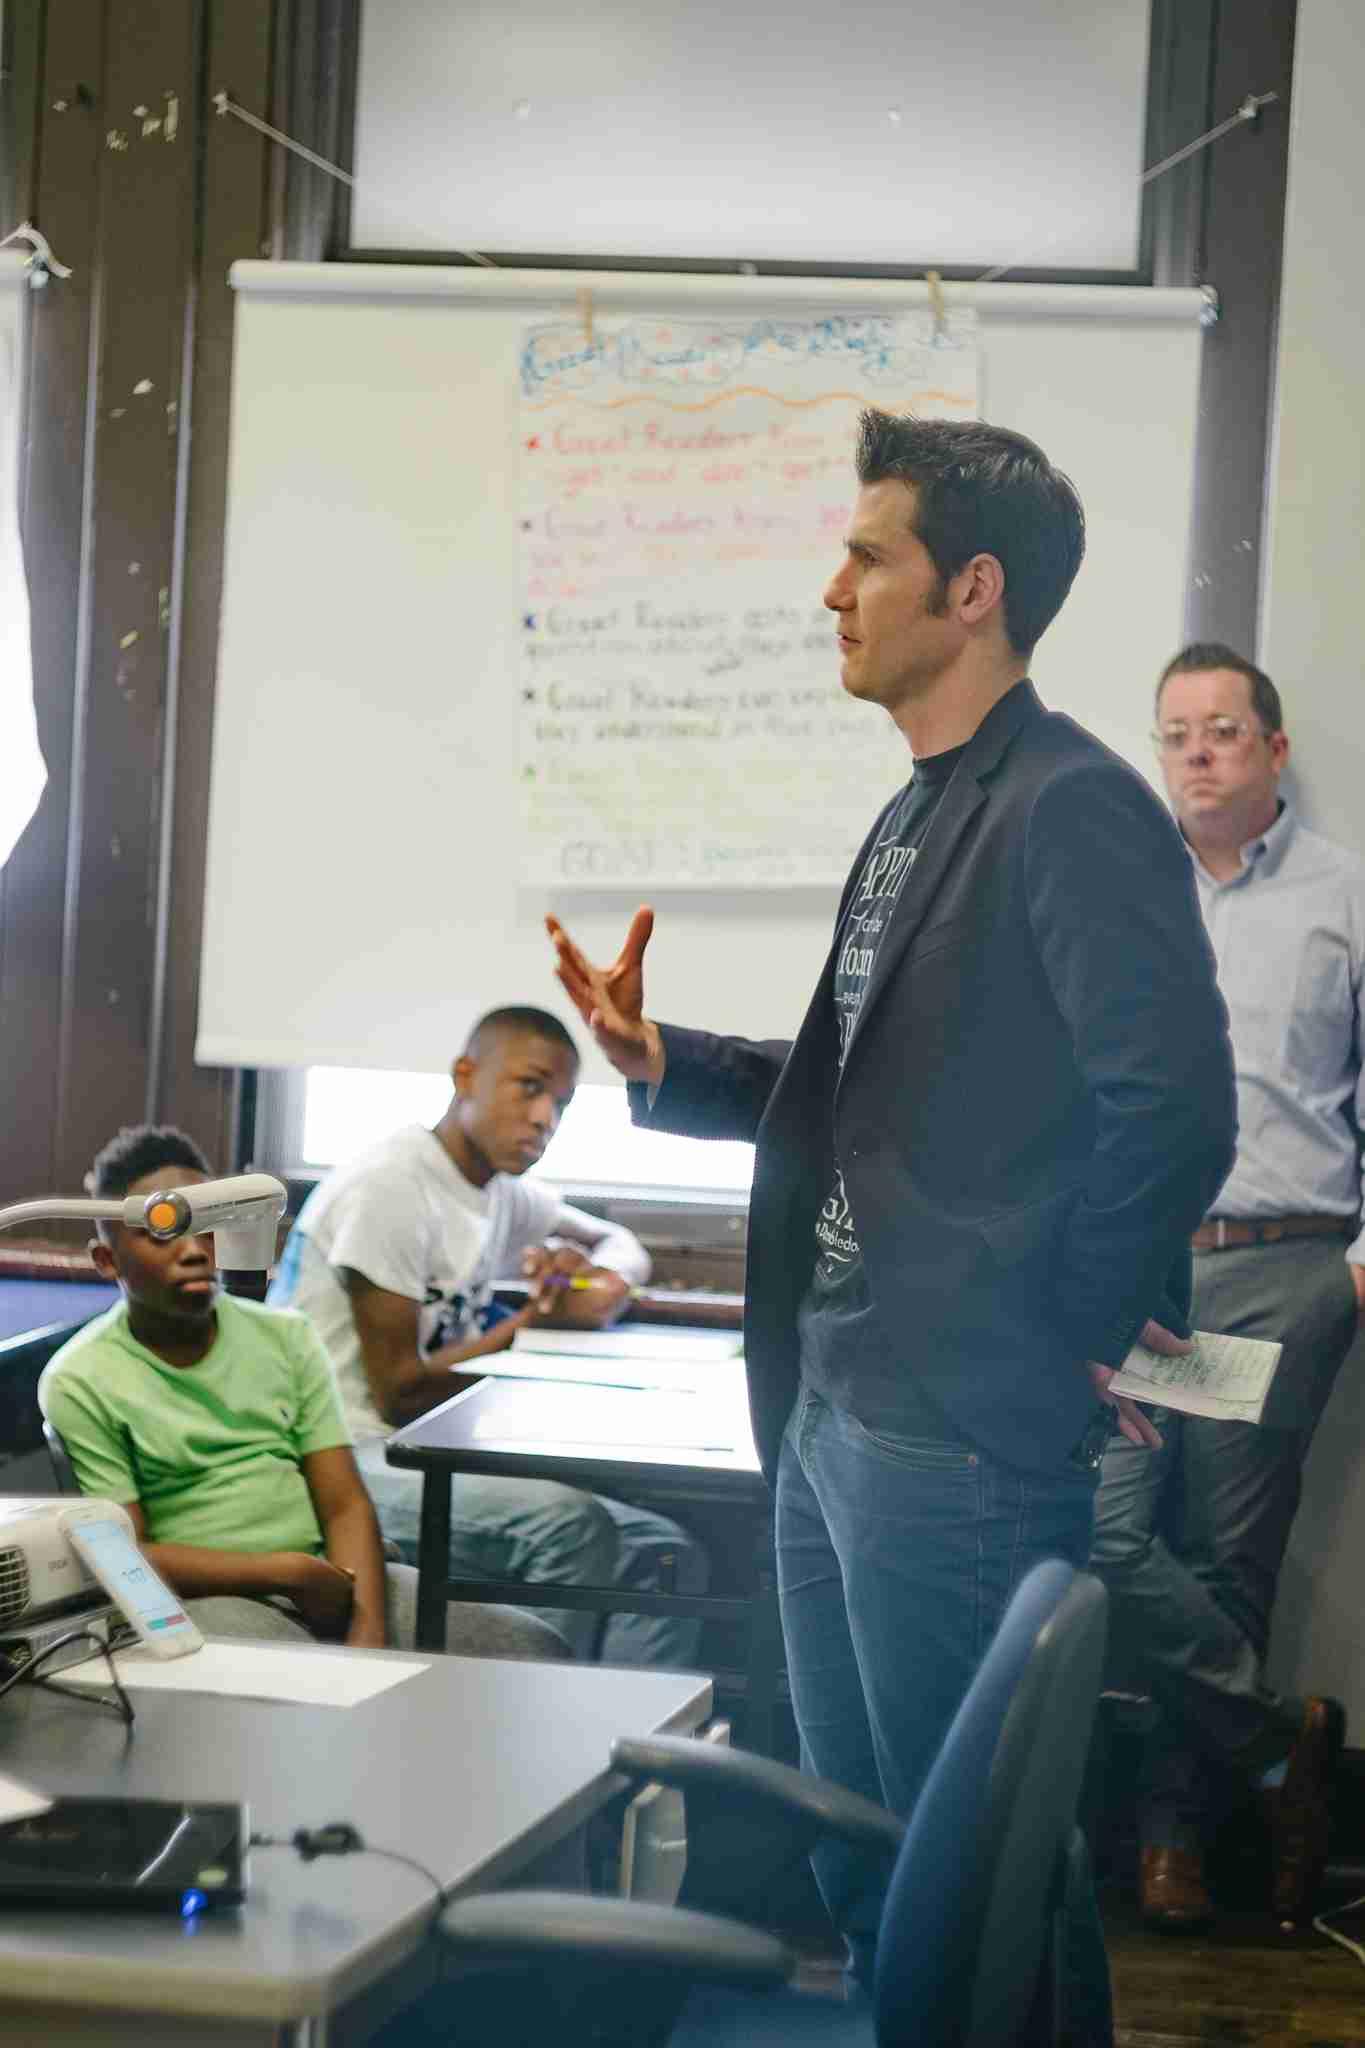 Matt talking to a class of kids